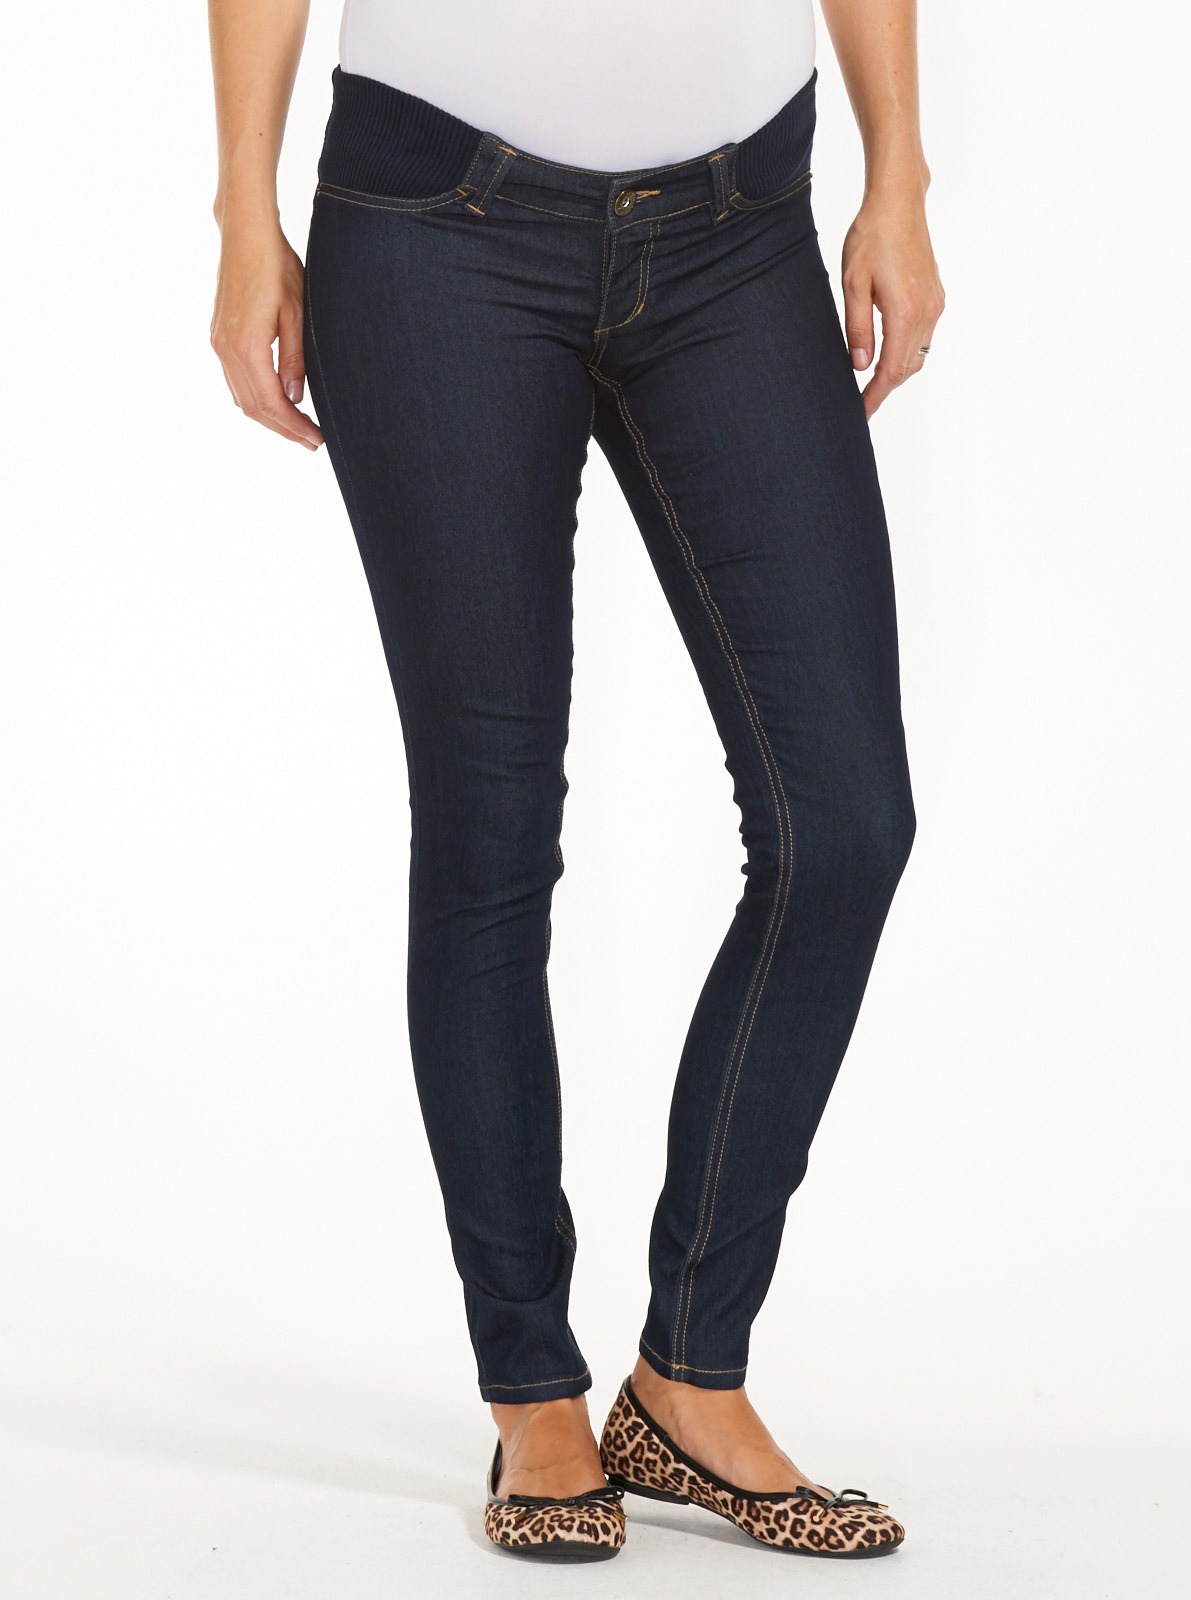 Maternity Jeans Review & Comparison – Jeans West vs. Just Jeans ...